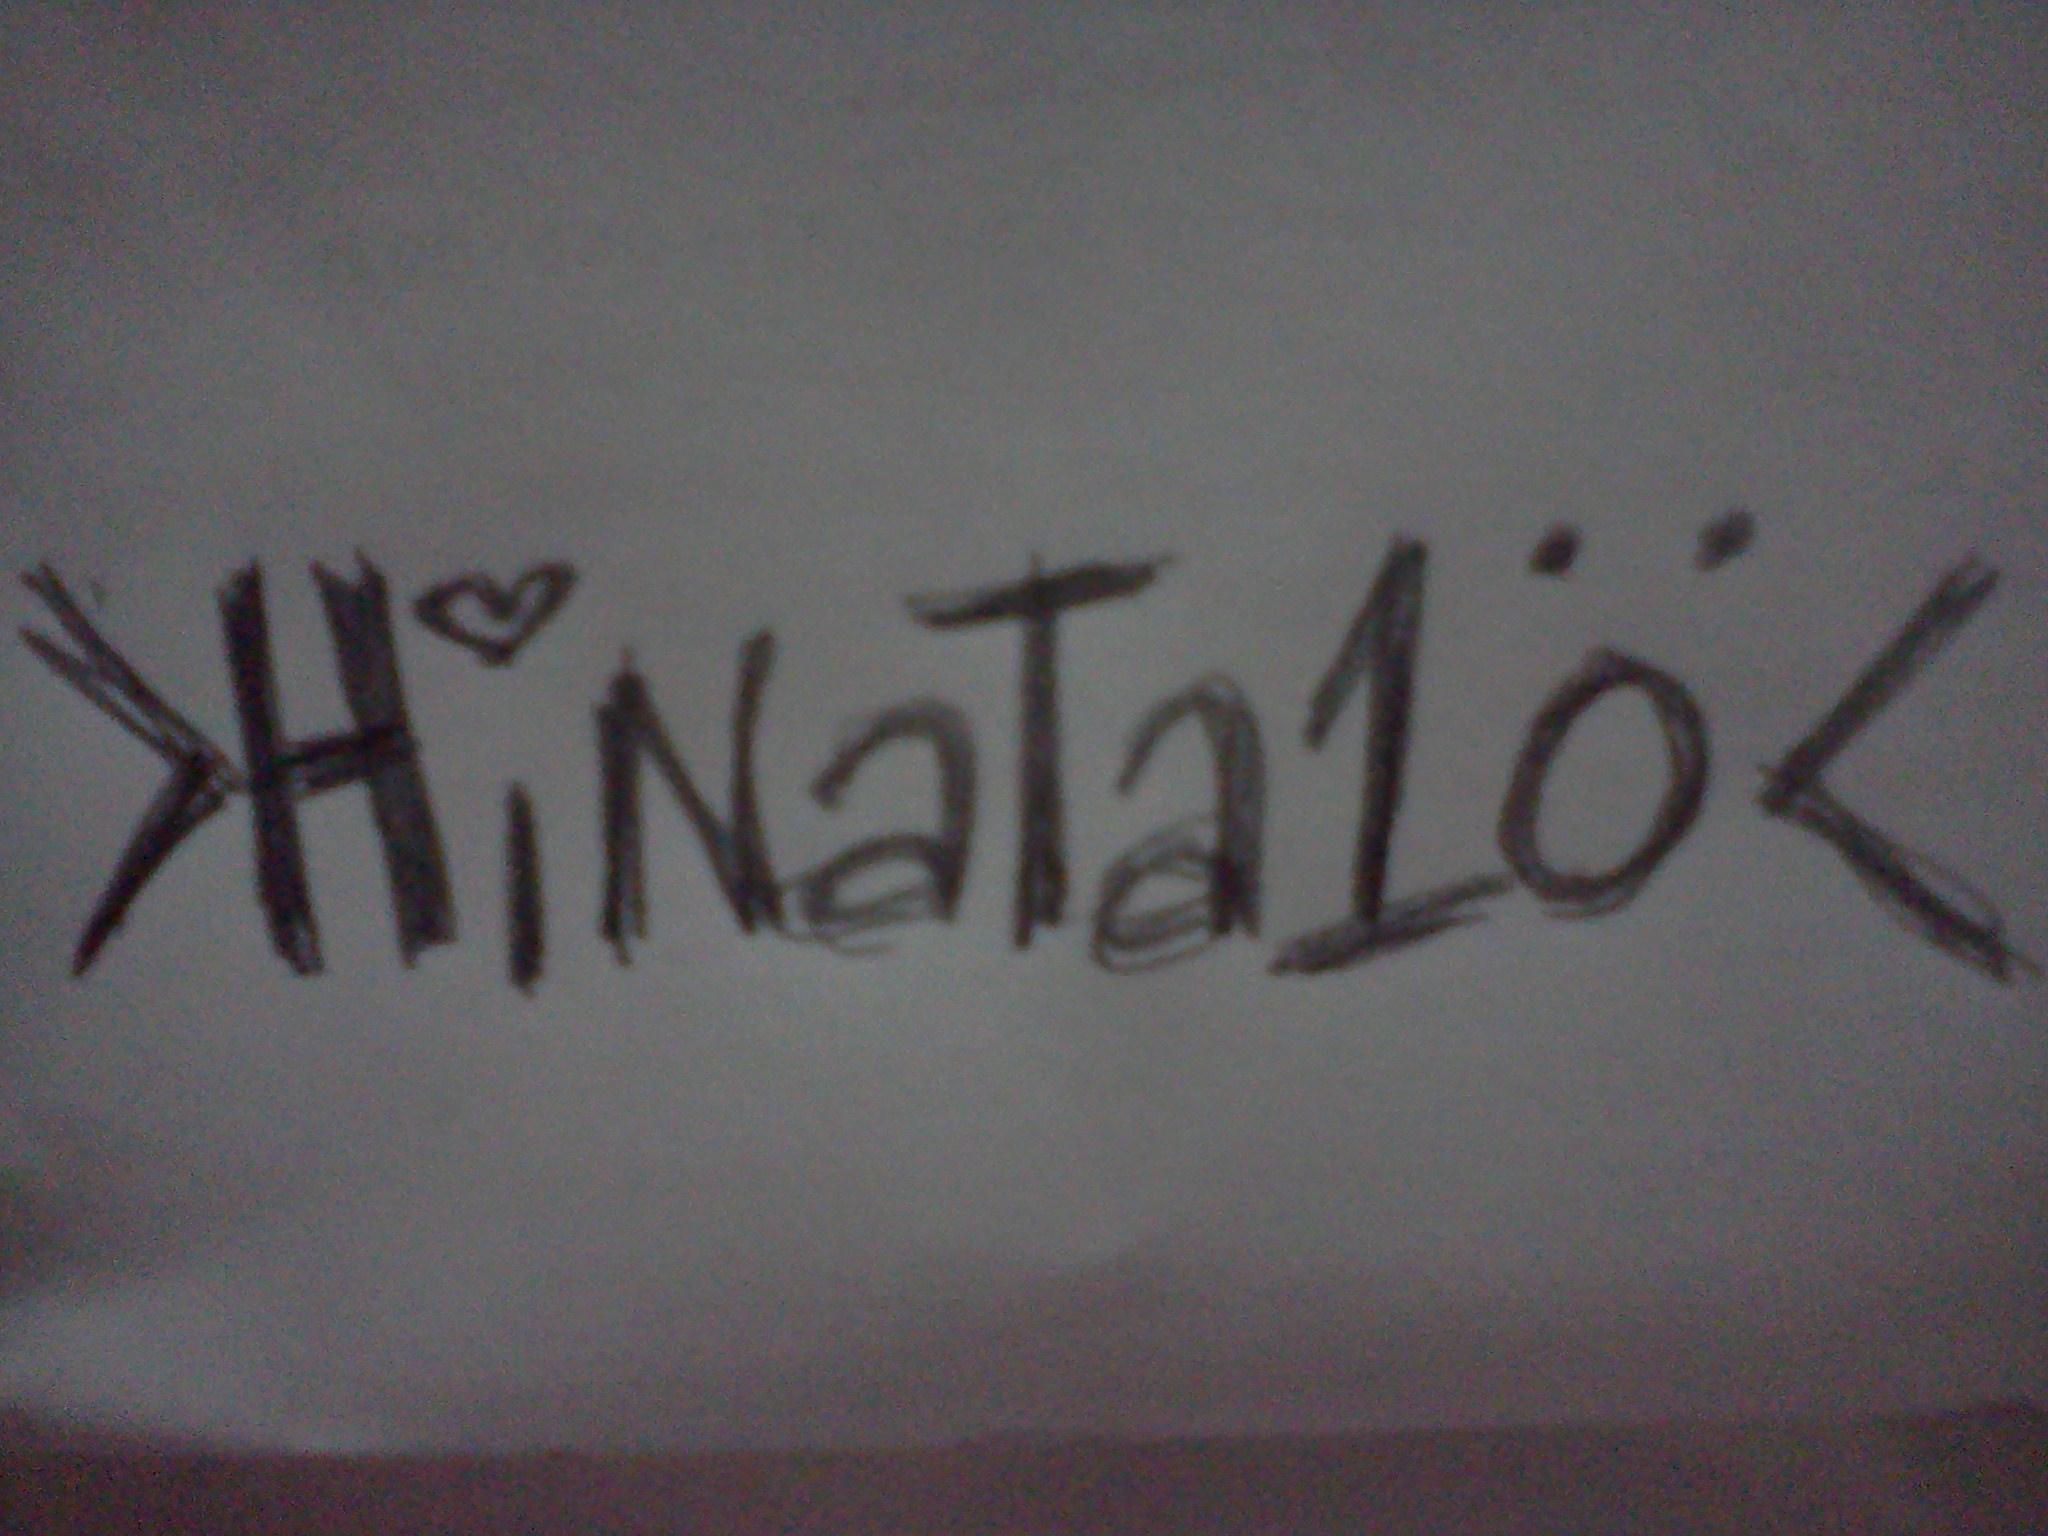 Hinata10